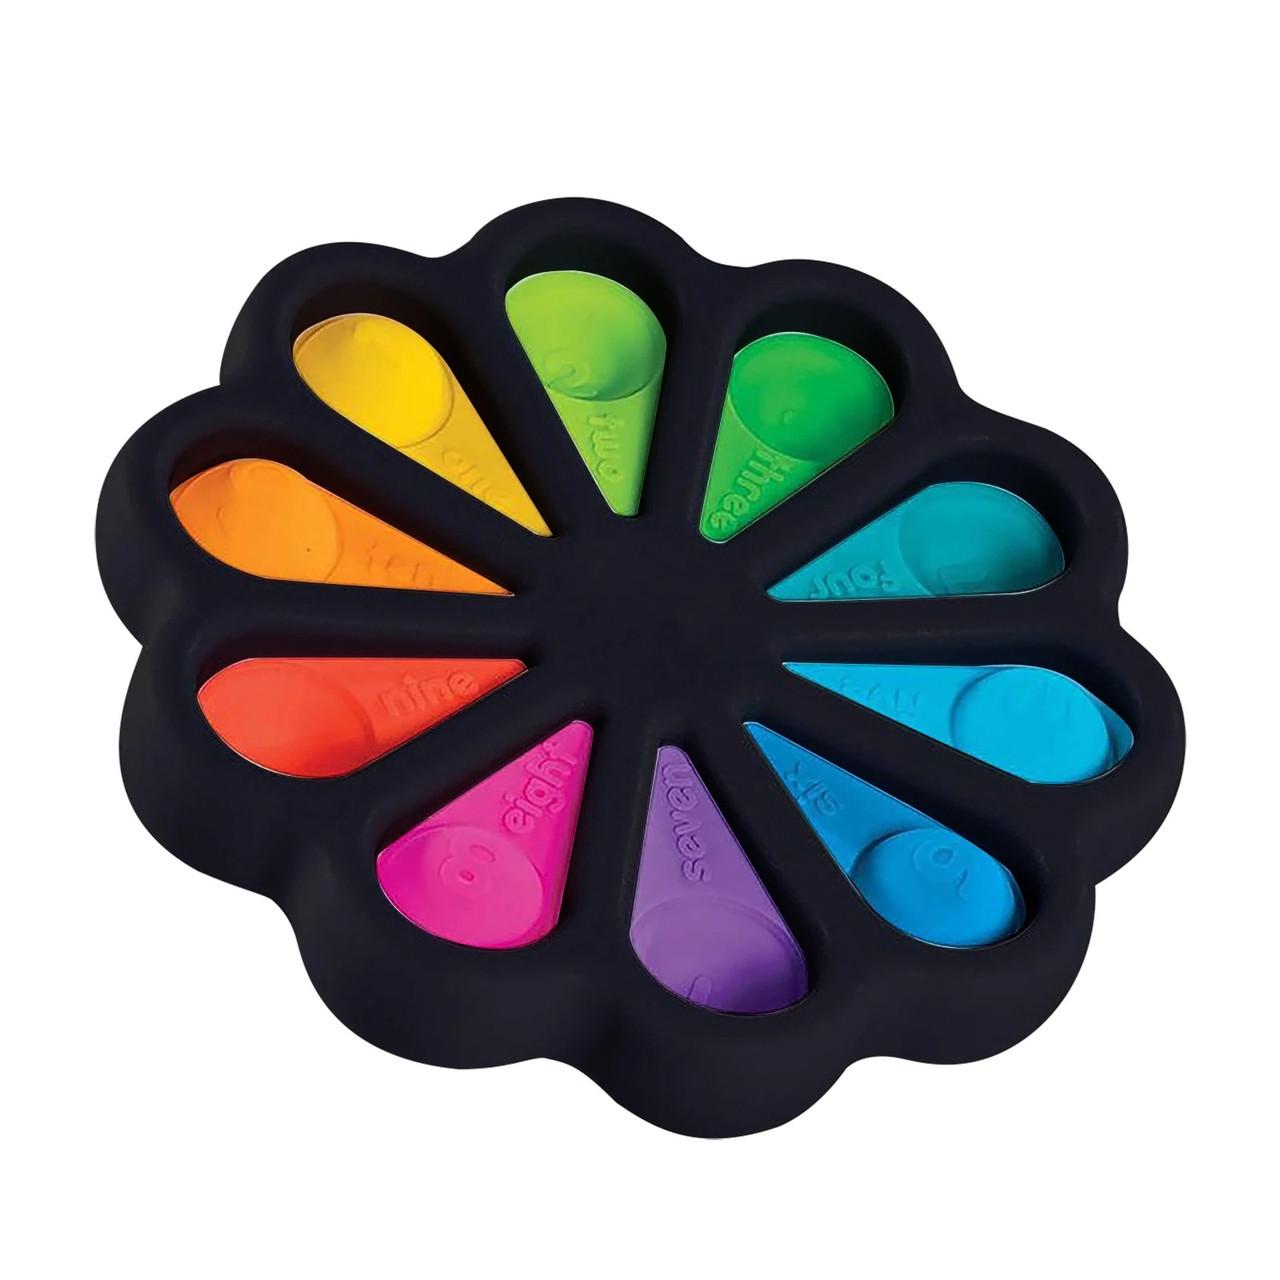 Сенсорна іграшка Simple Dimple поп іт антистрес сімпл дімпл pop it квітка чорний